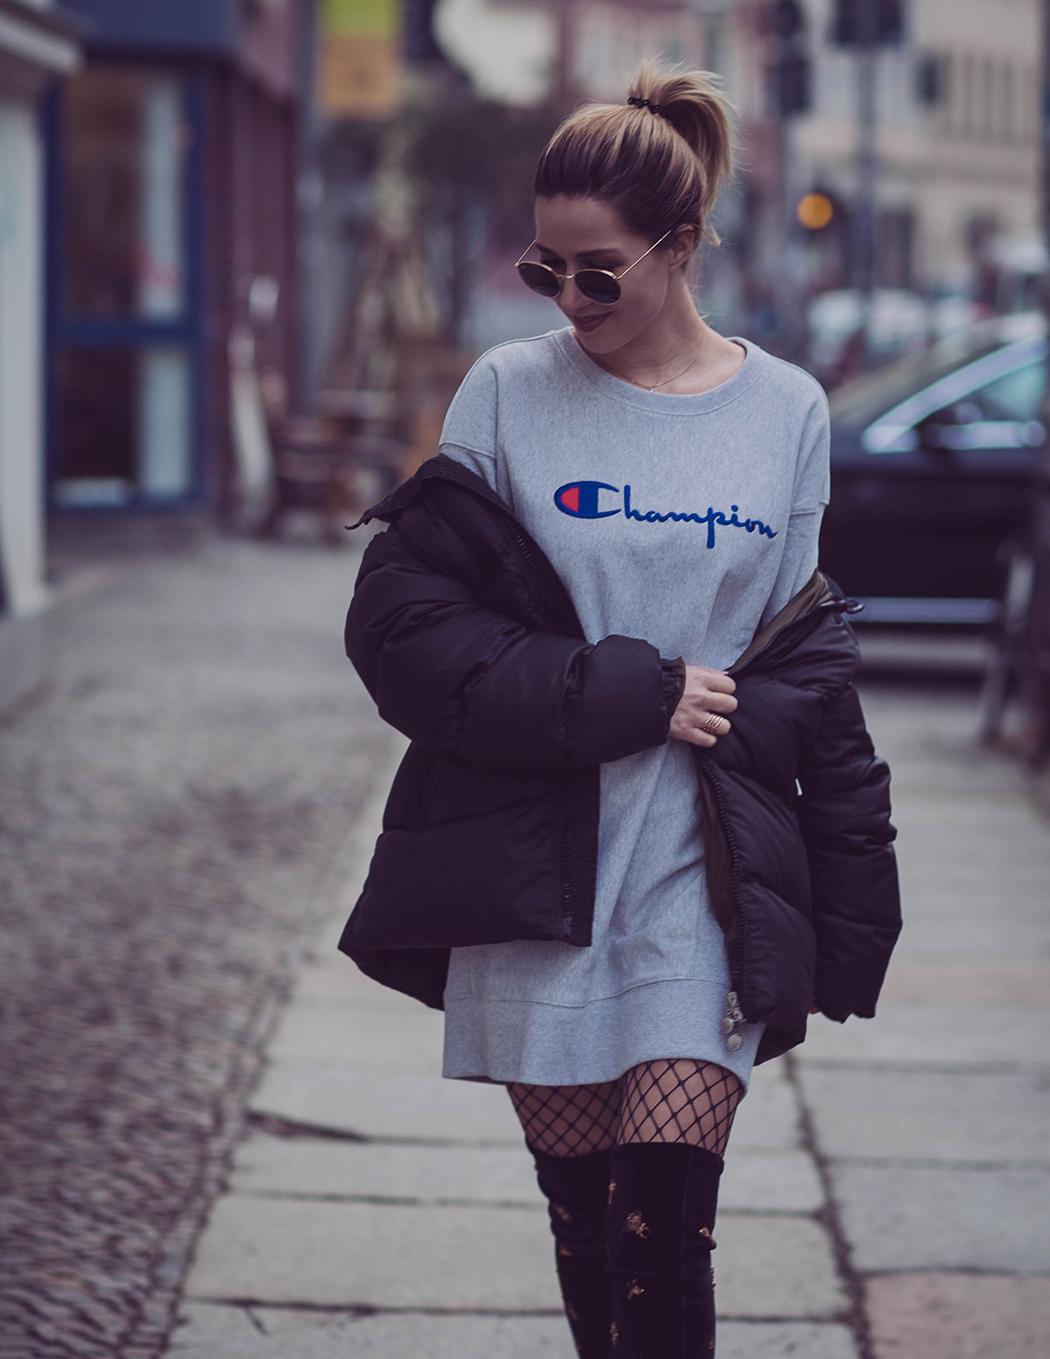 Fashionblog-Fashionblogger-Fashion-Blog-Blogger-Muenchen-Deutschland-Streetstyle-Mode-Fashion-Week-Berlin-2017-Lindarella20170120_06